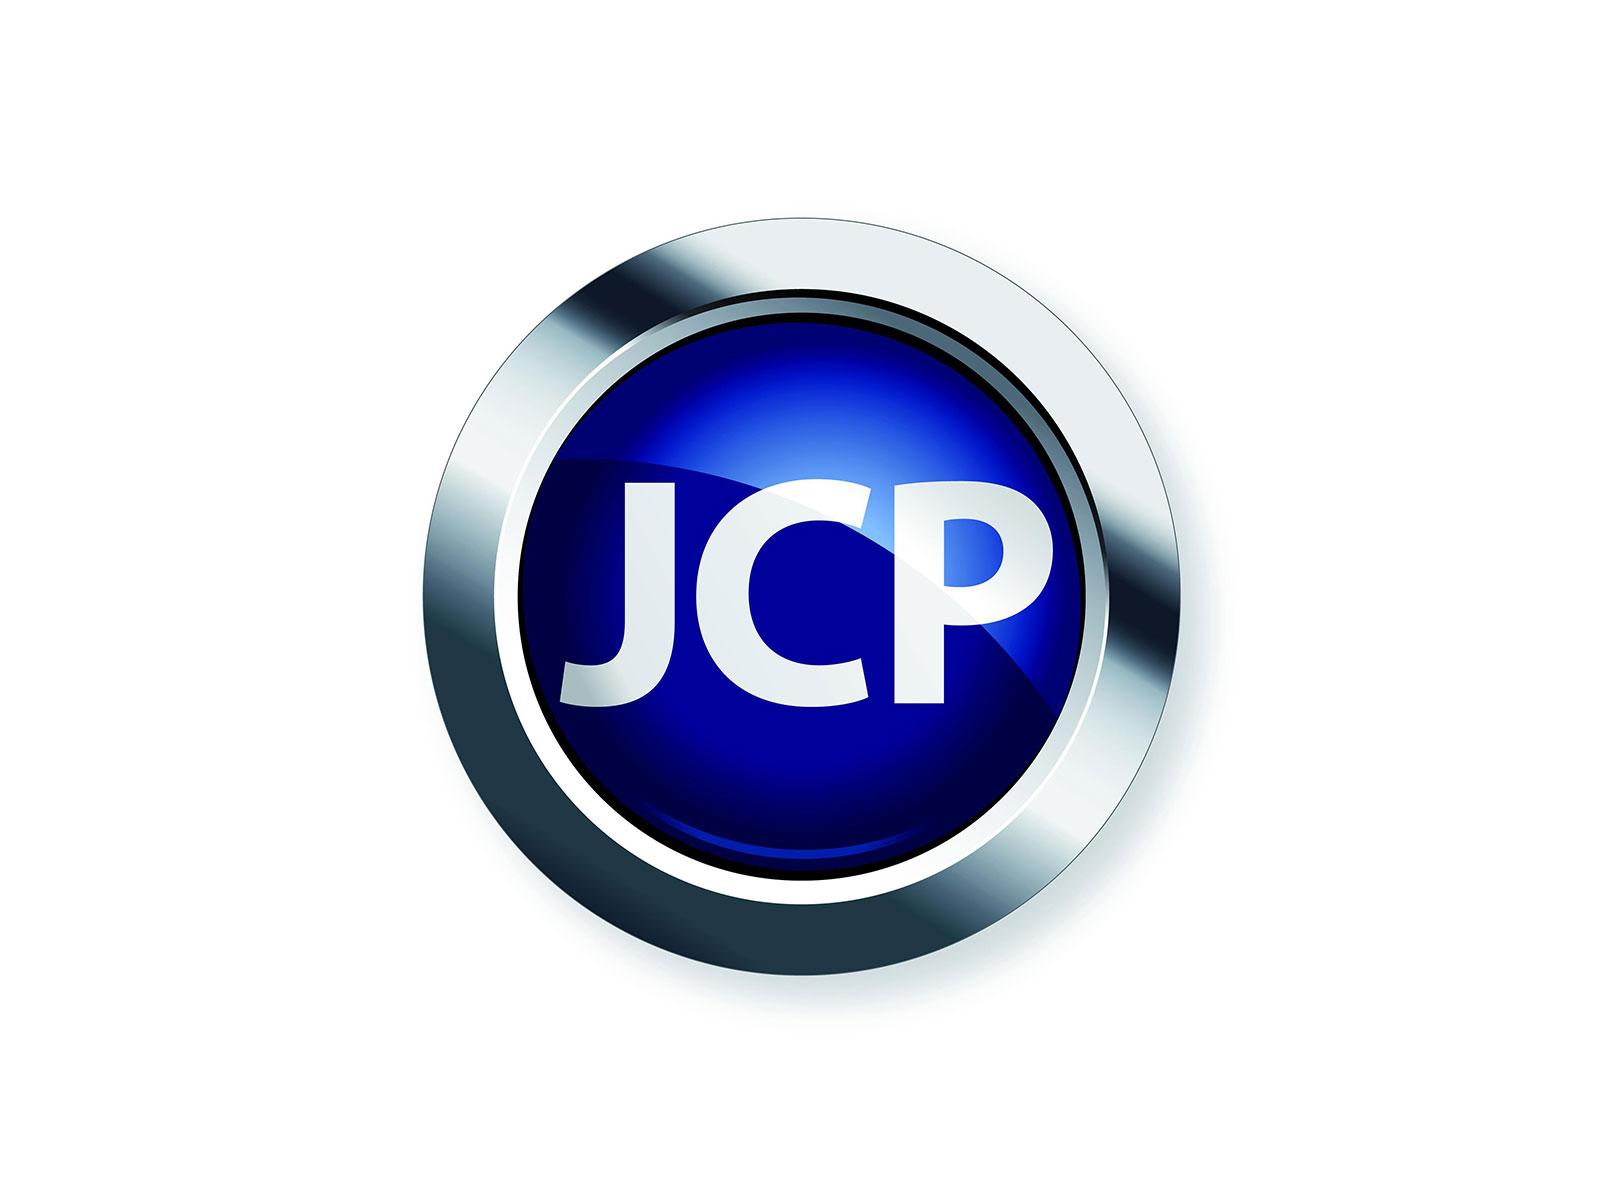 Business Partner Jcp